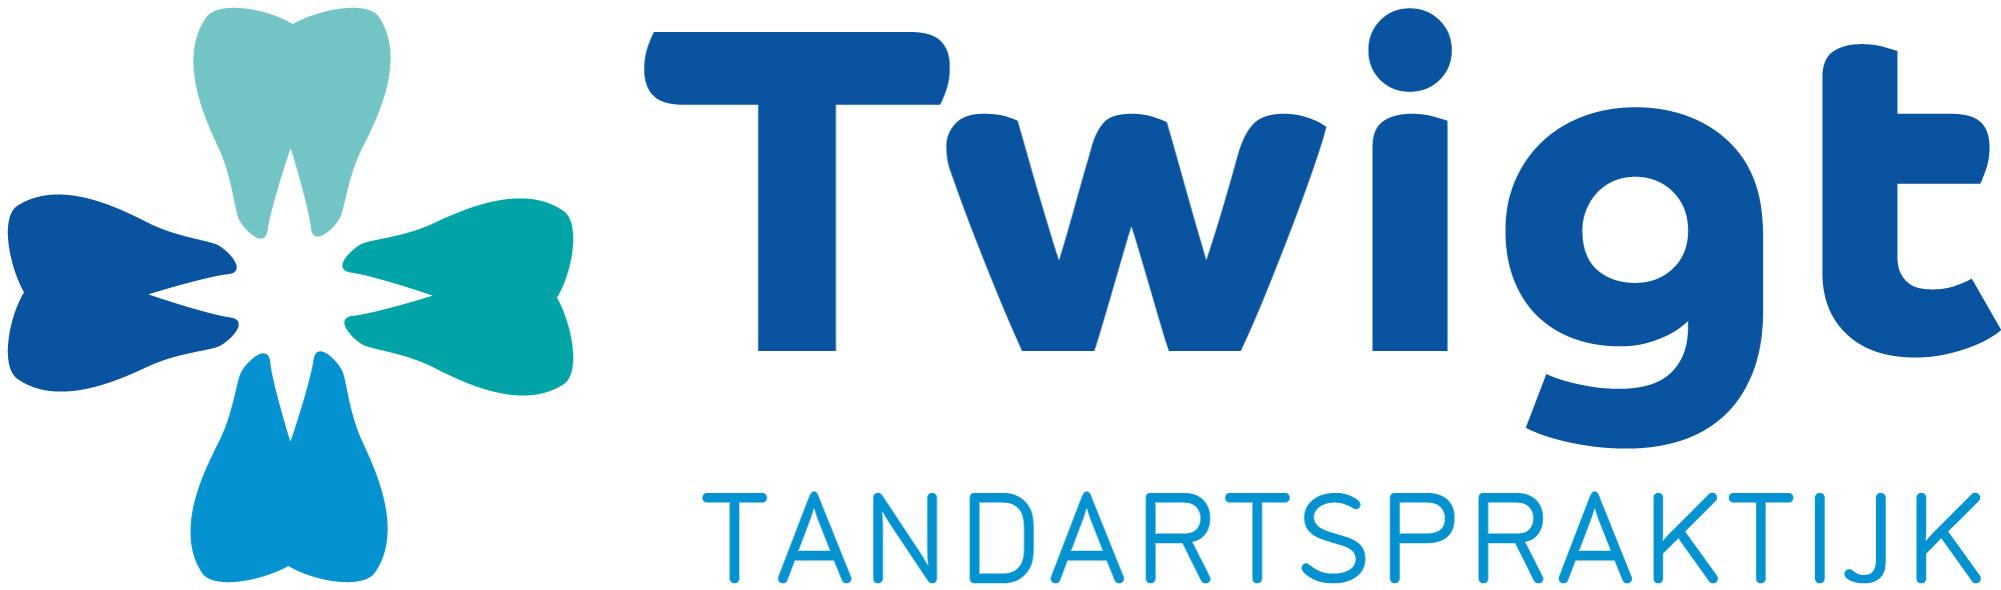 Tandartspraktijk Twigt